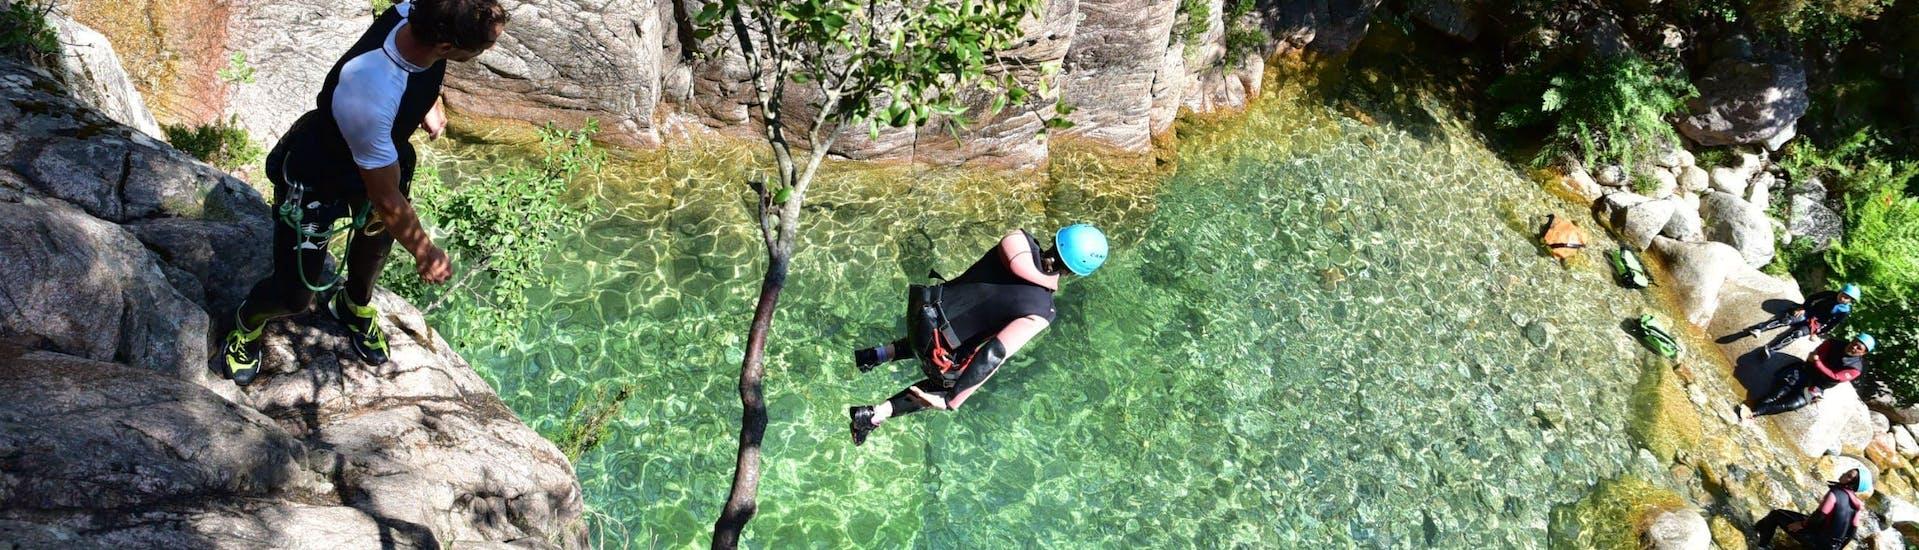 Un homme saute dans une piscine naturelle lors d'une sortie Canyoning privé dans la Vacca - Aquatique (12 pax)  avec Corsica Madness.